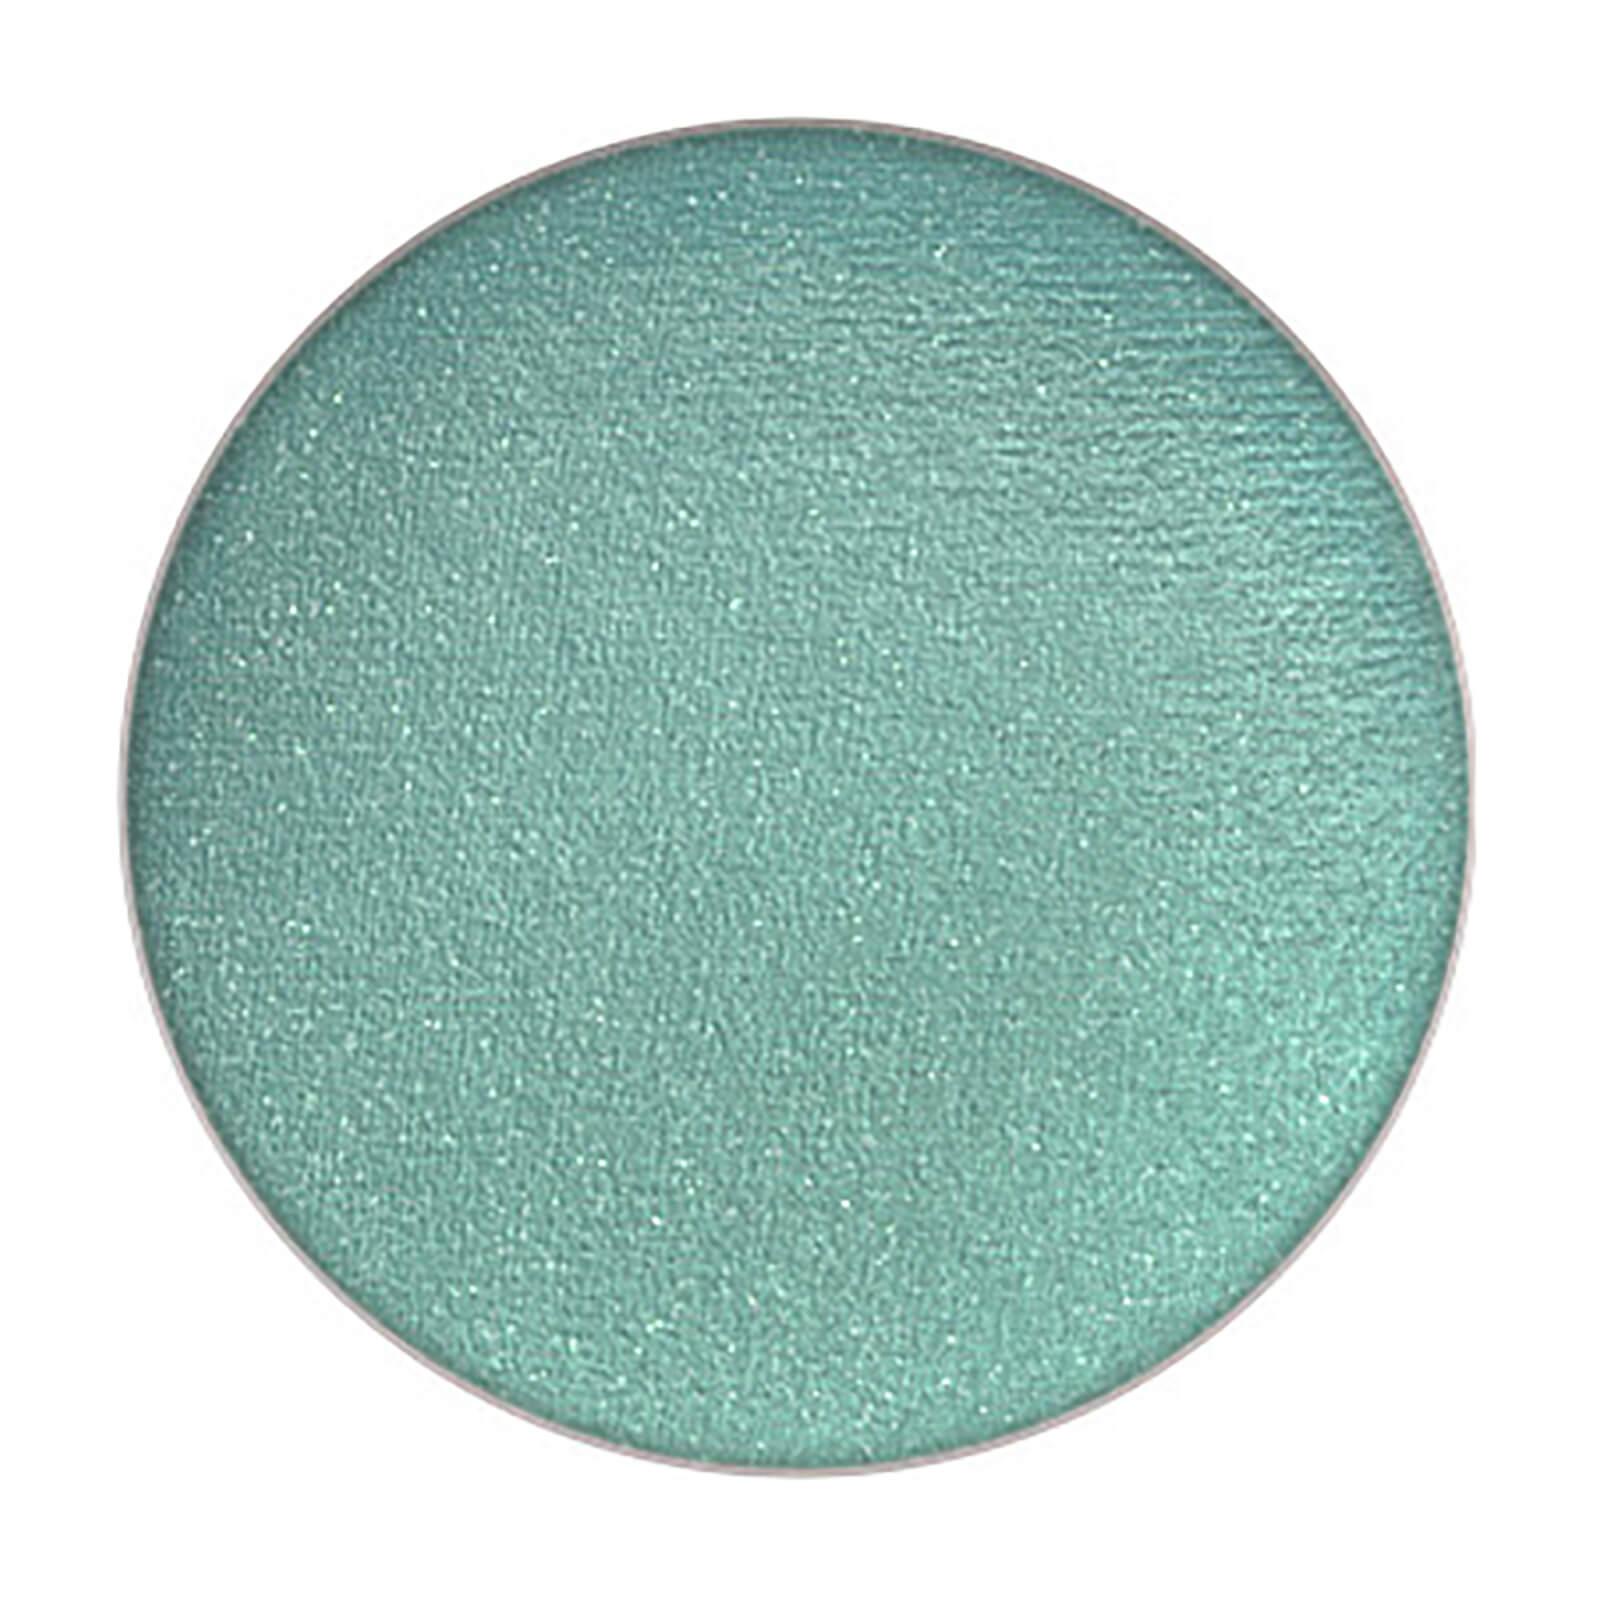 Ombres à paupieres Pro Palette Refill de MAC (ombres variées) - Frost - Steamy